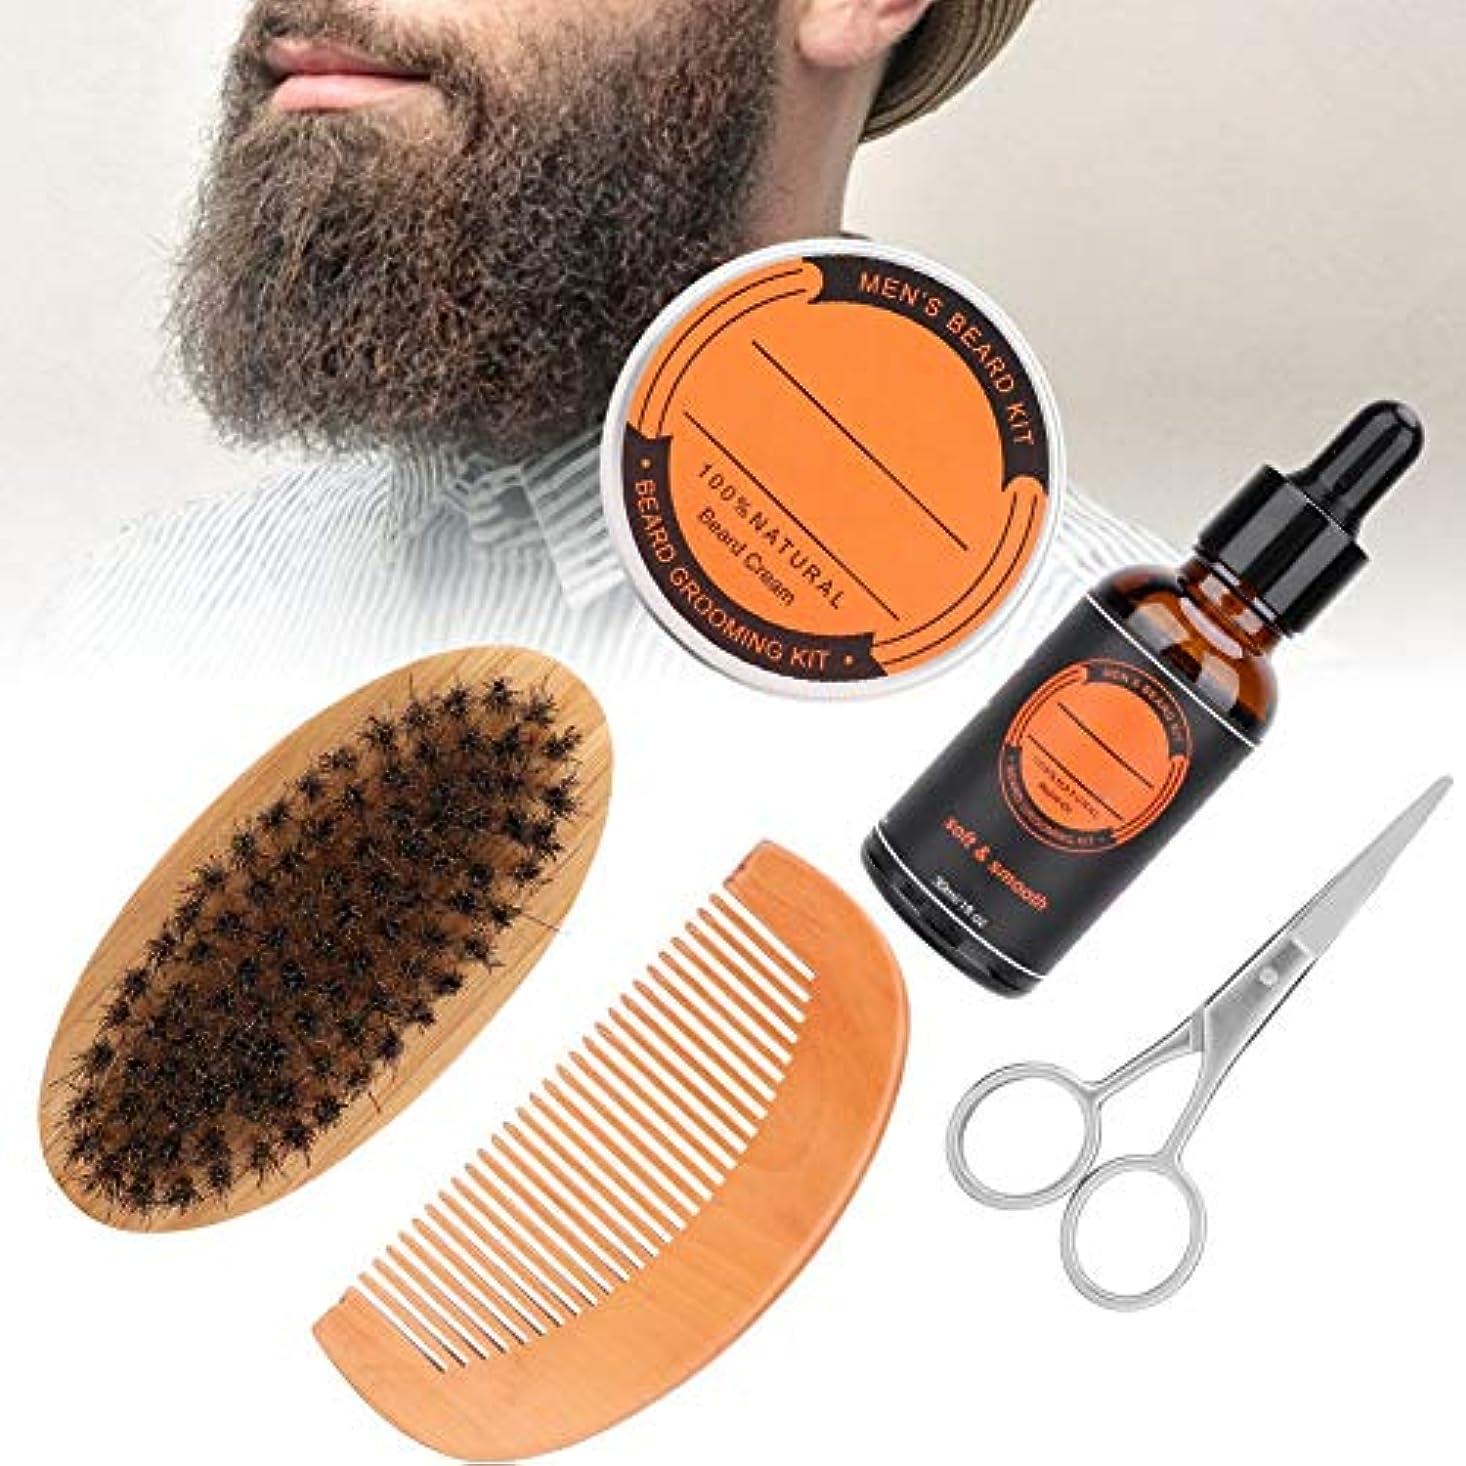 まばたき自己サーキュレーション6本のひげの心配のセット、ひげの手入れをするキット、人のひげの心配のキット、人のひげの心配のキットとの最終的なひげの心配のキット香油+髭オイル+櫛+ブラシ+はさみ